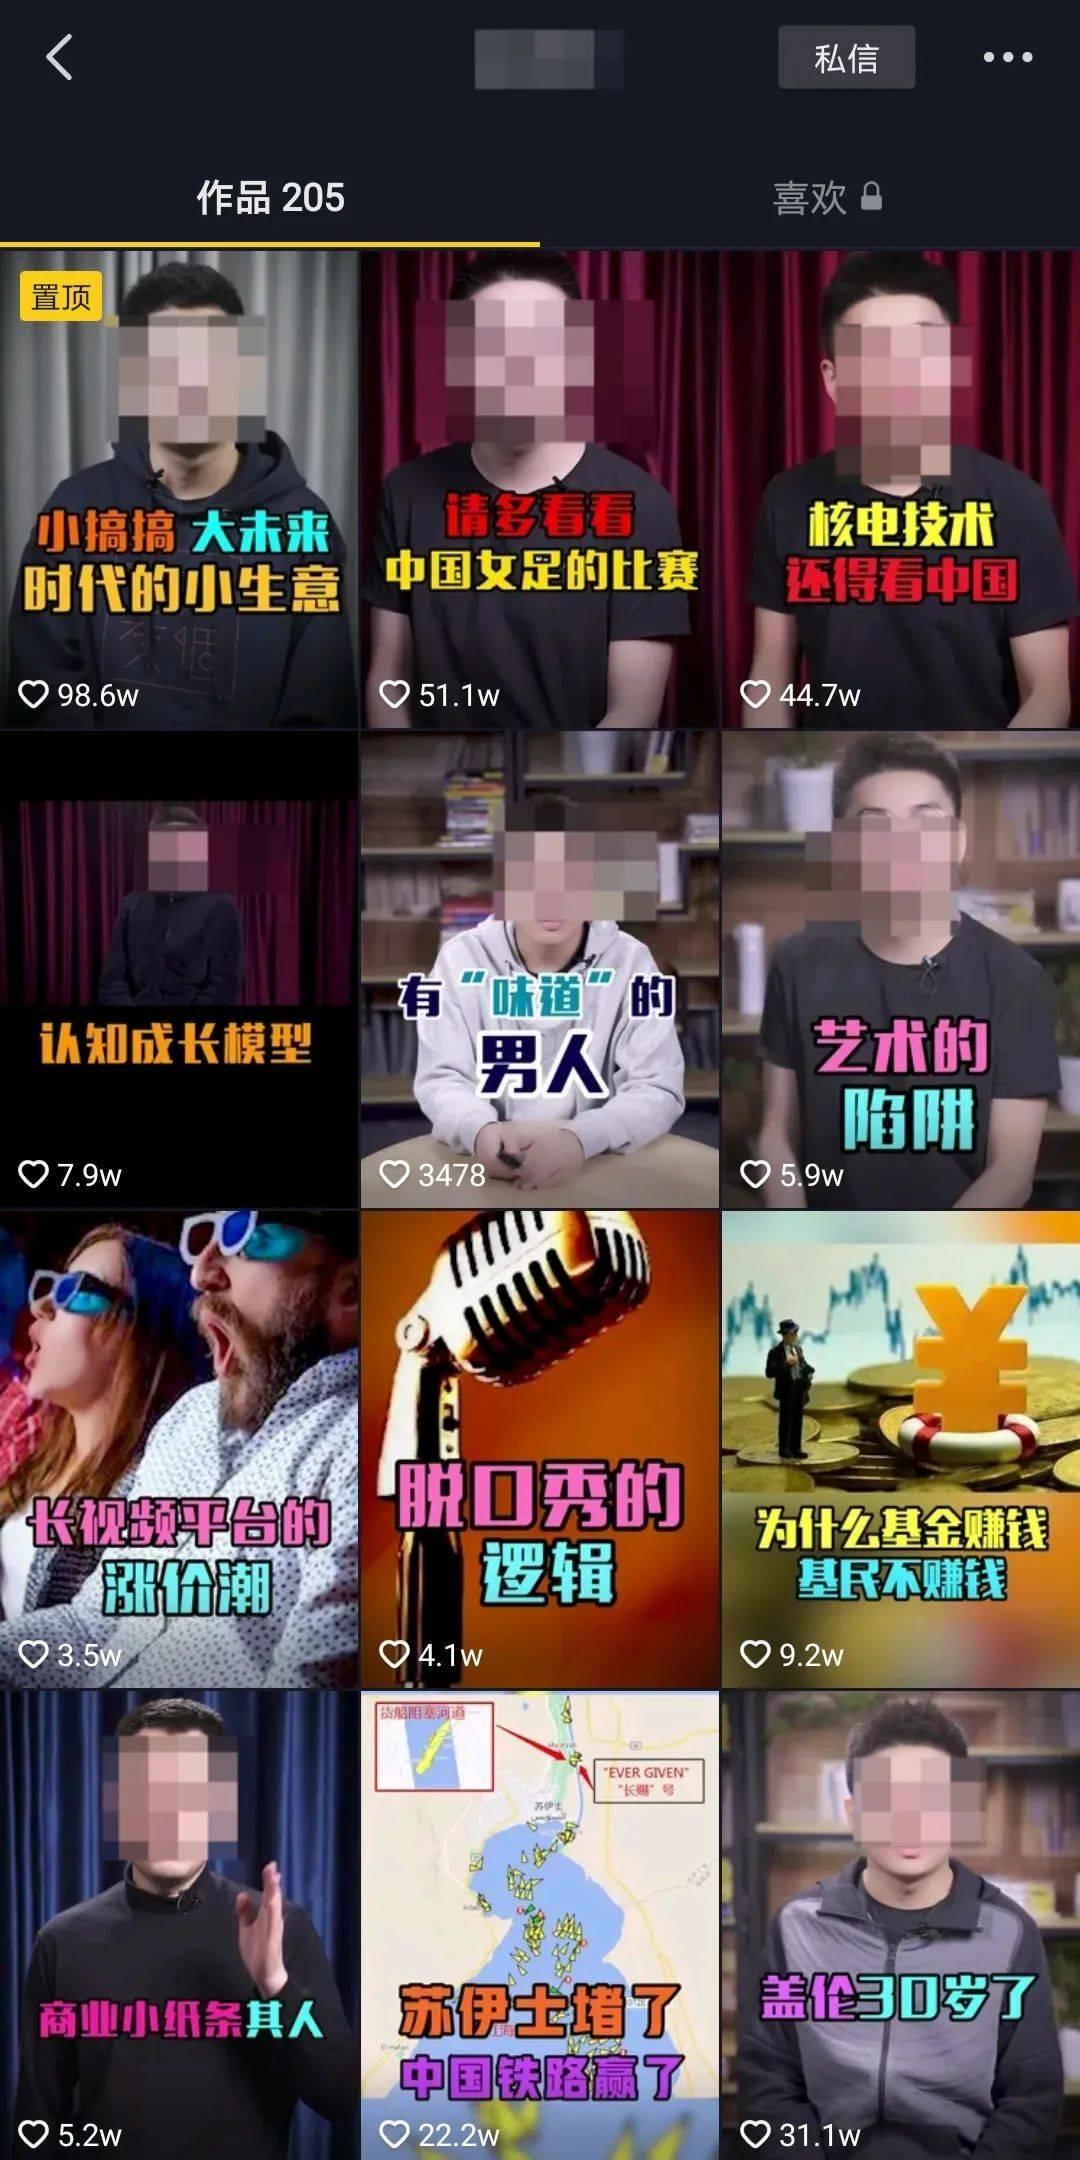 鸟哥笔记,视频直播,短视频运营日记,视频,直播